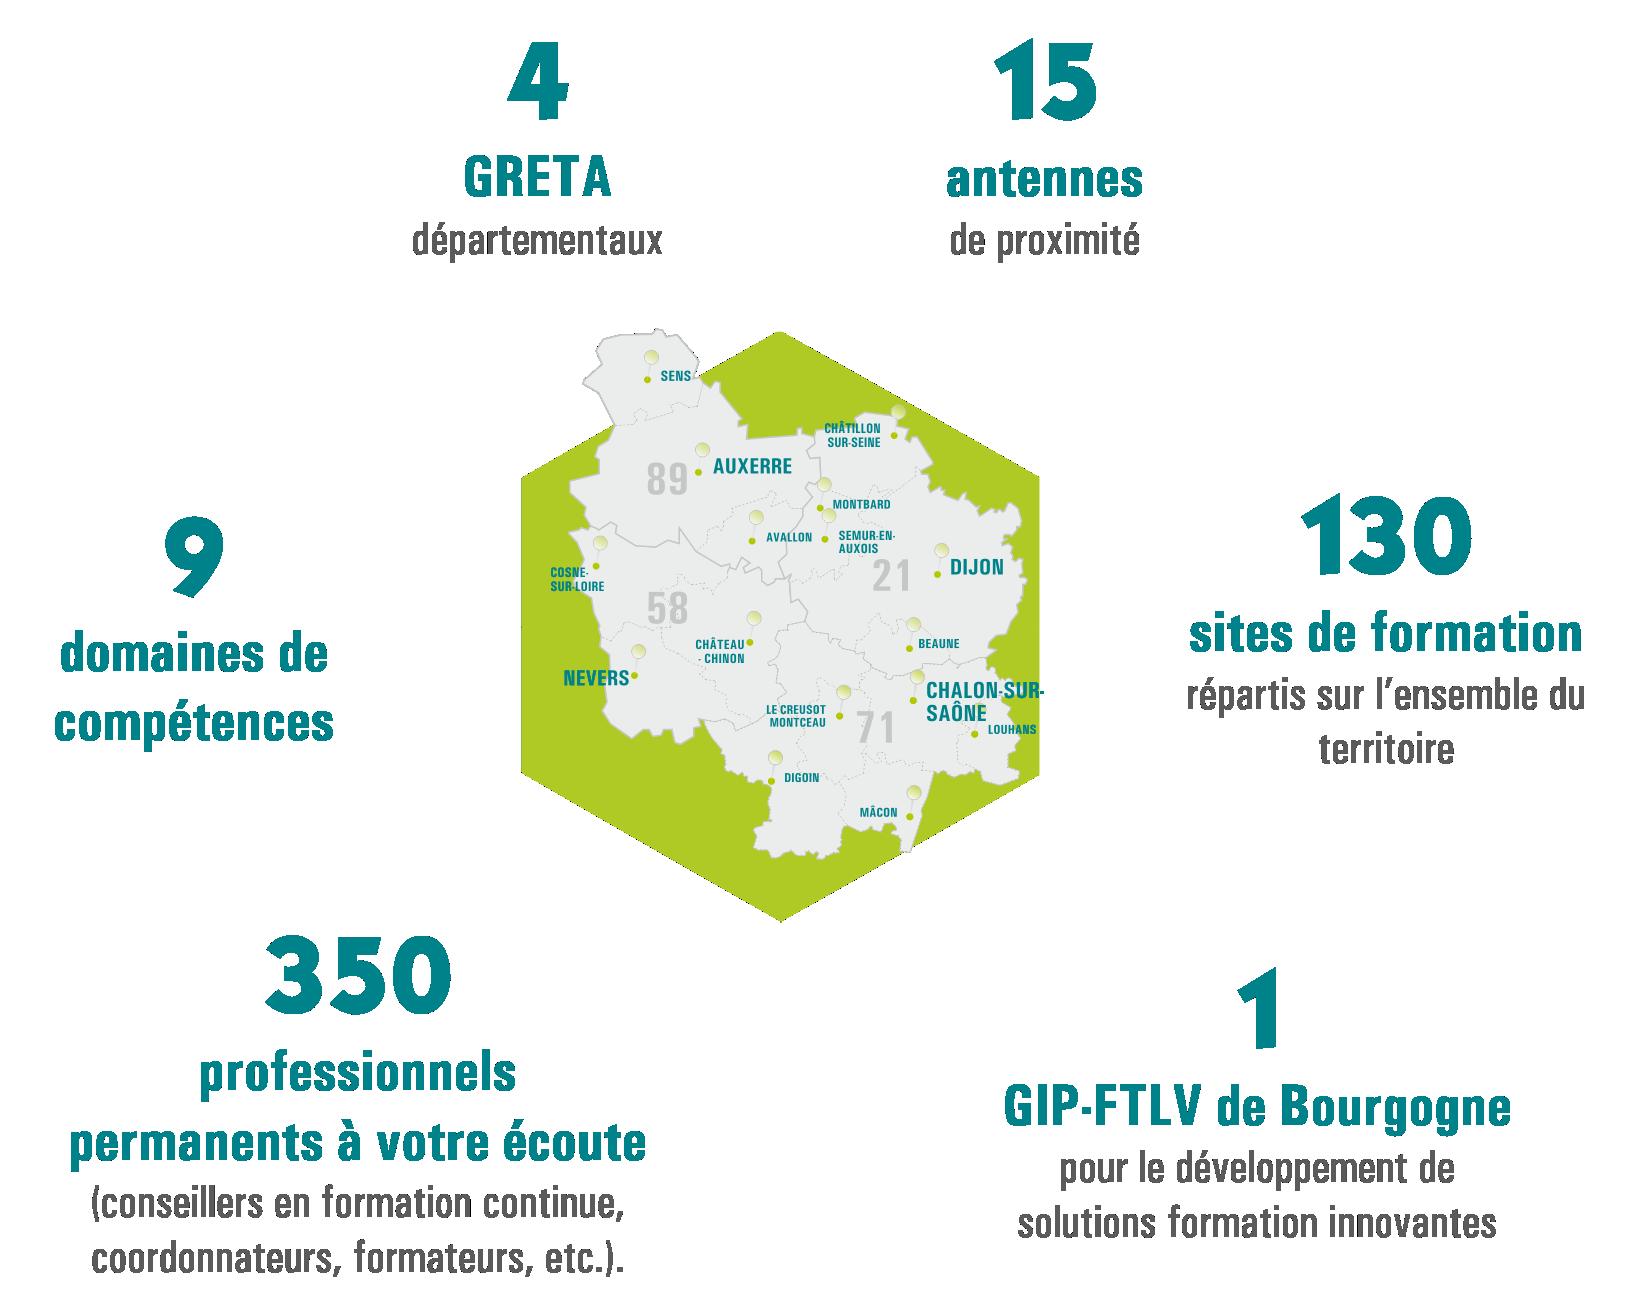 Chiffres clés du réseau des GRETA de Bourgogne : 4 GRETA / 15 antennes de proximité / 9 domaines de compétences / 130 sites de formation sur la Bourgogne / 350 professionnels permanents à votre écoute / 1 GIP-FTLV de Bourgogne pour le développement de solutions formation innovantes